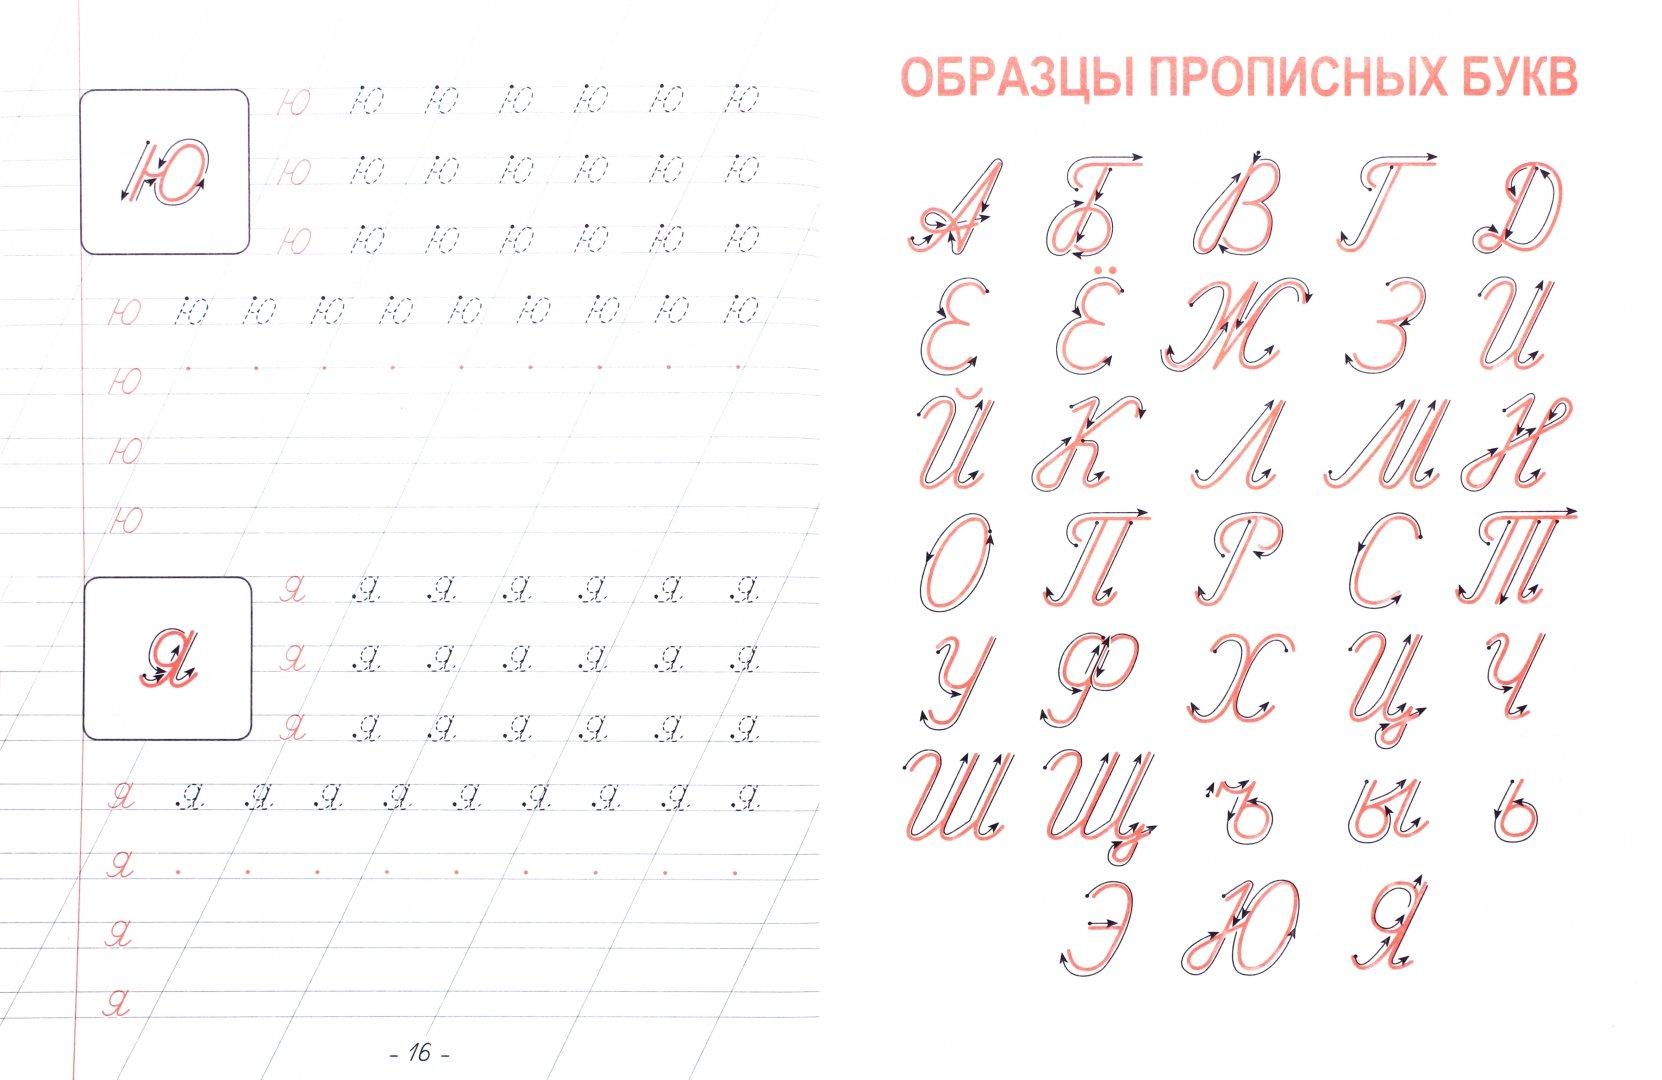 Чем отличаются прописные буквы от строчных | в чем разница